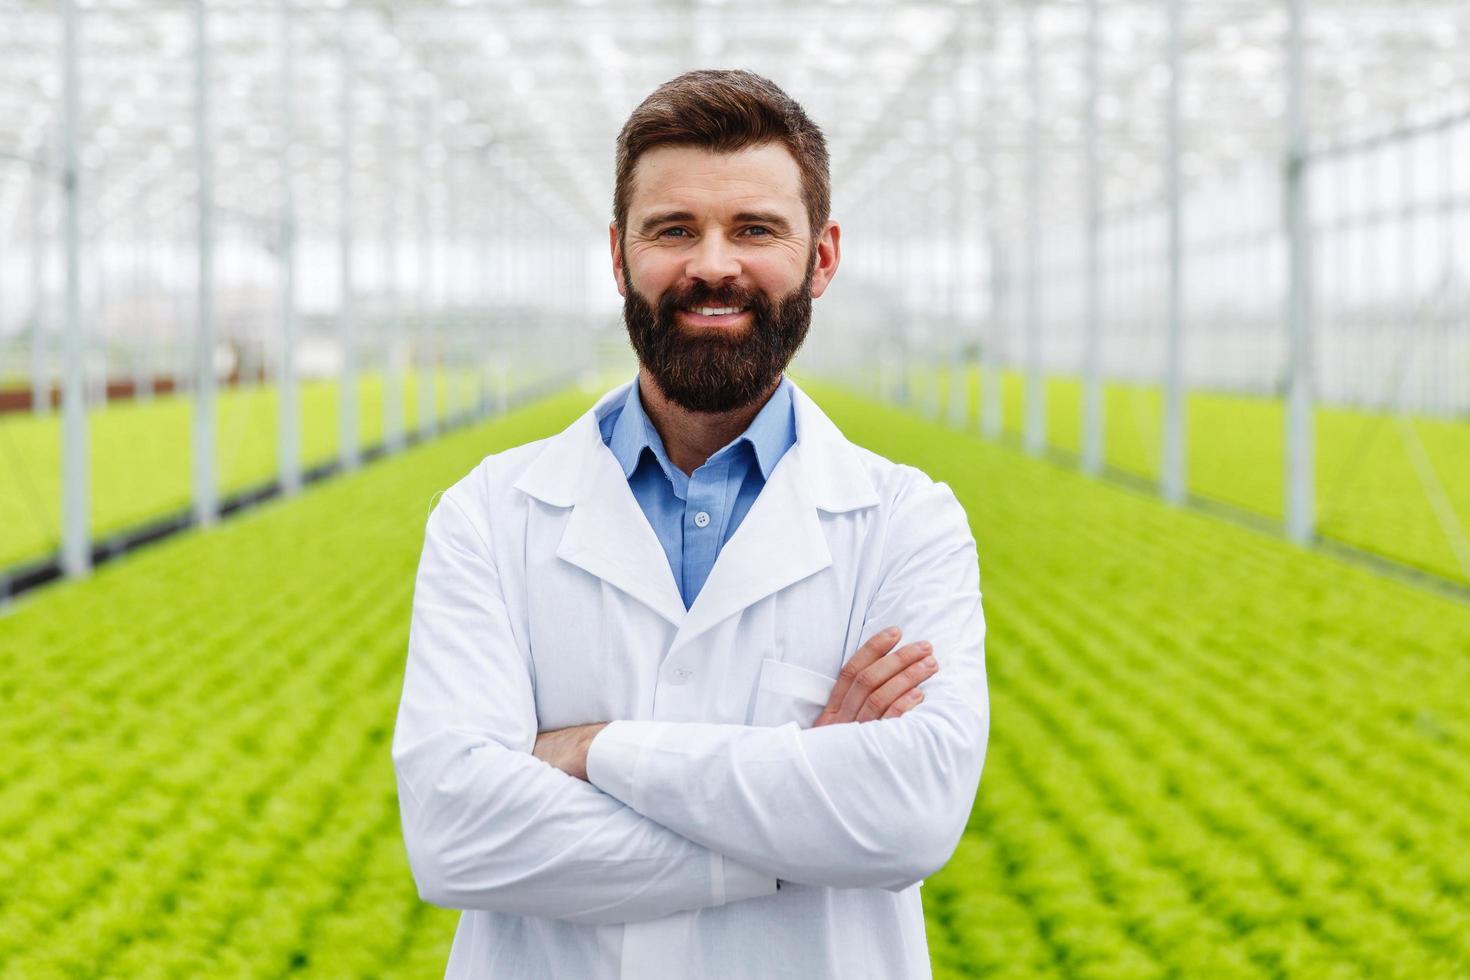 Male scientific researcher photo